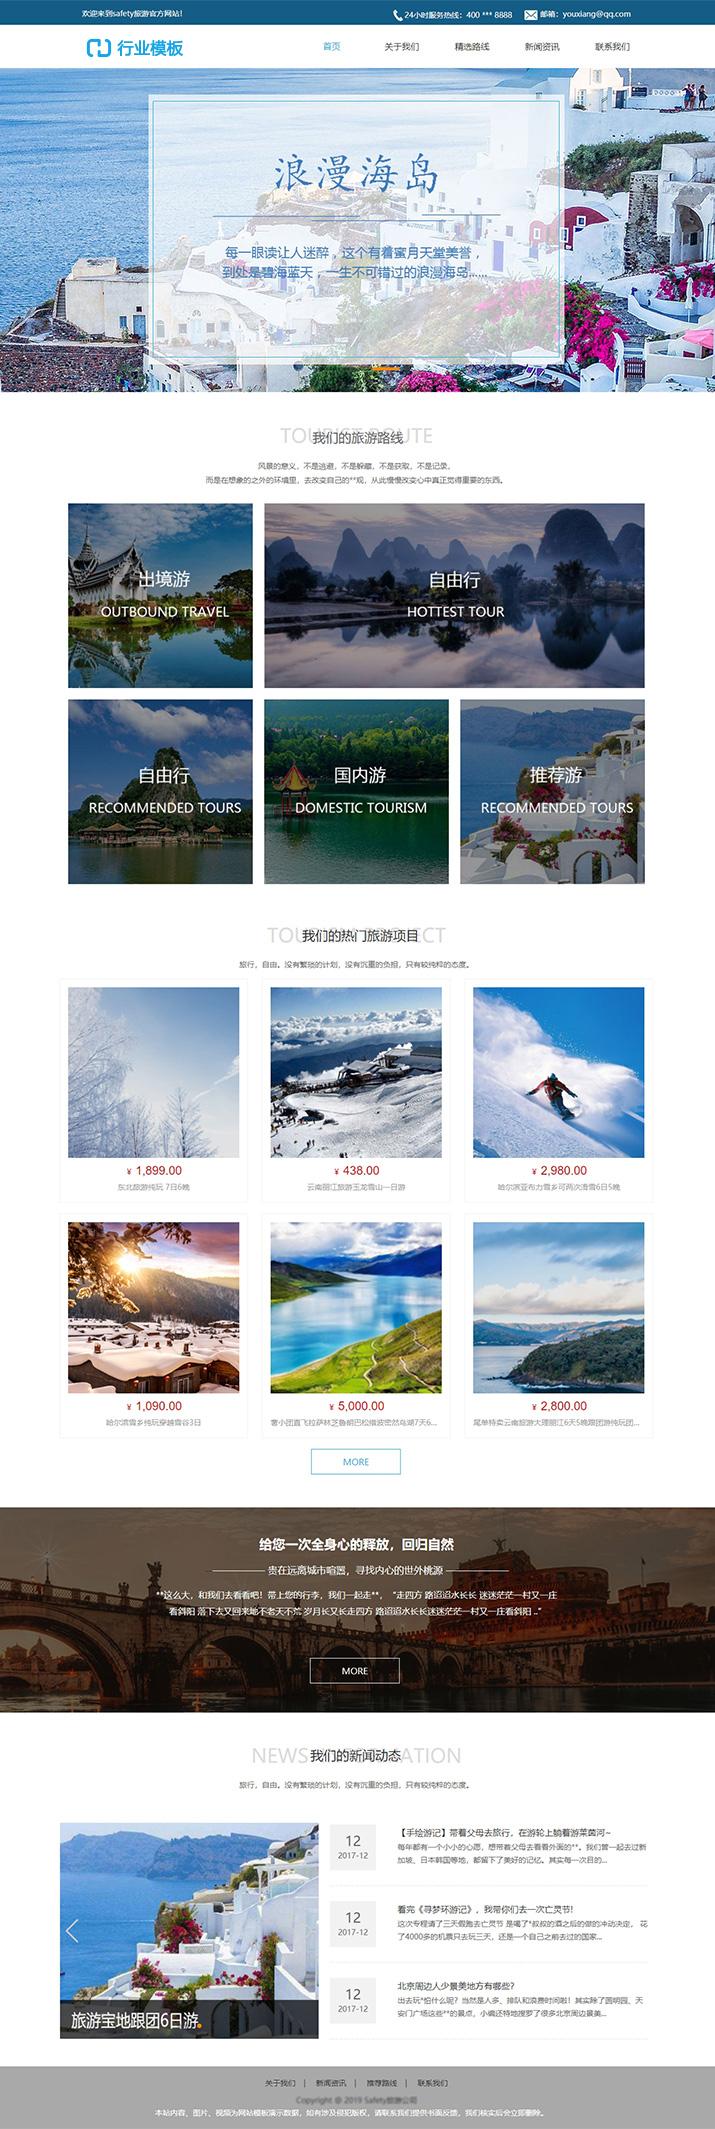 精美旅游免费网站模板